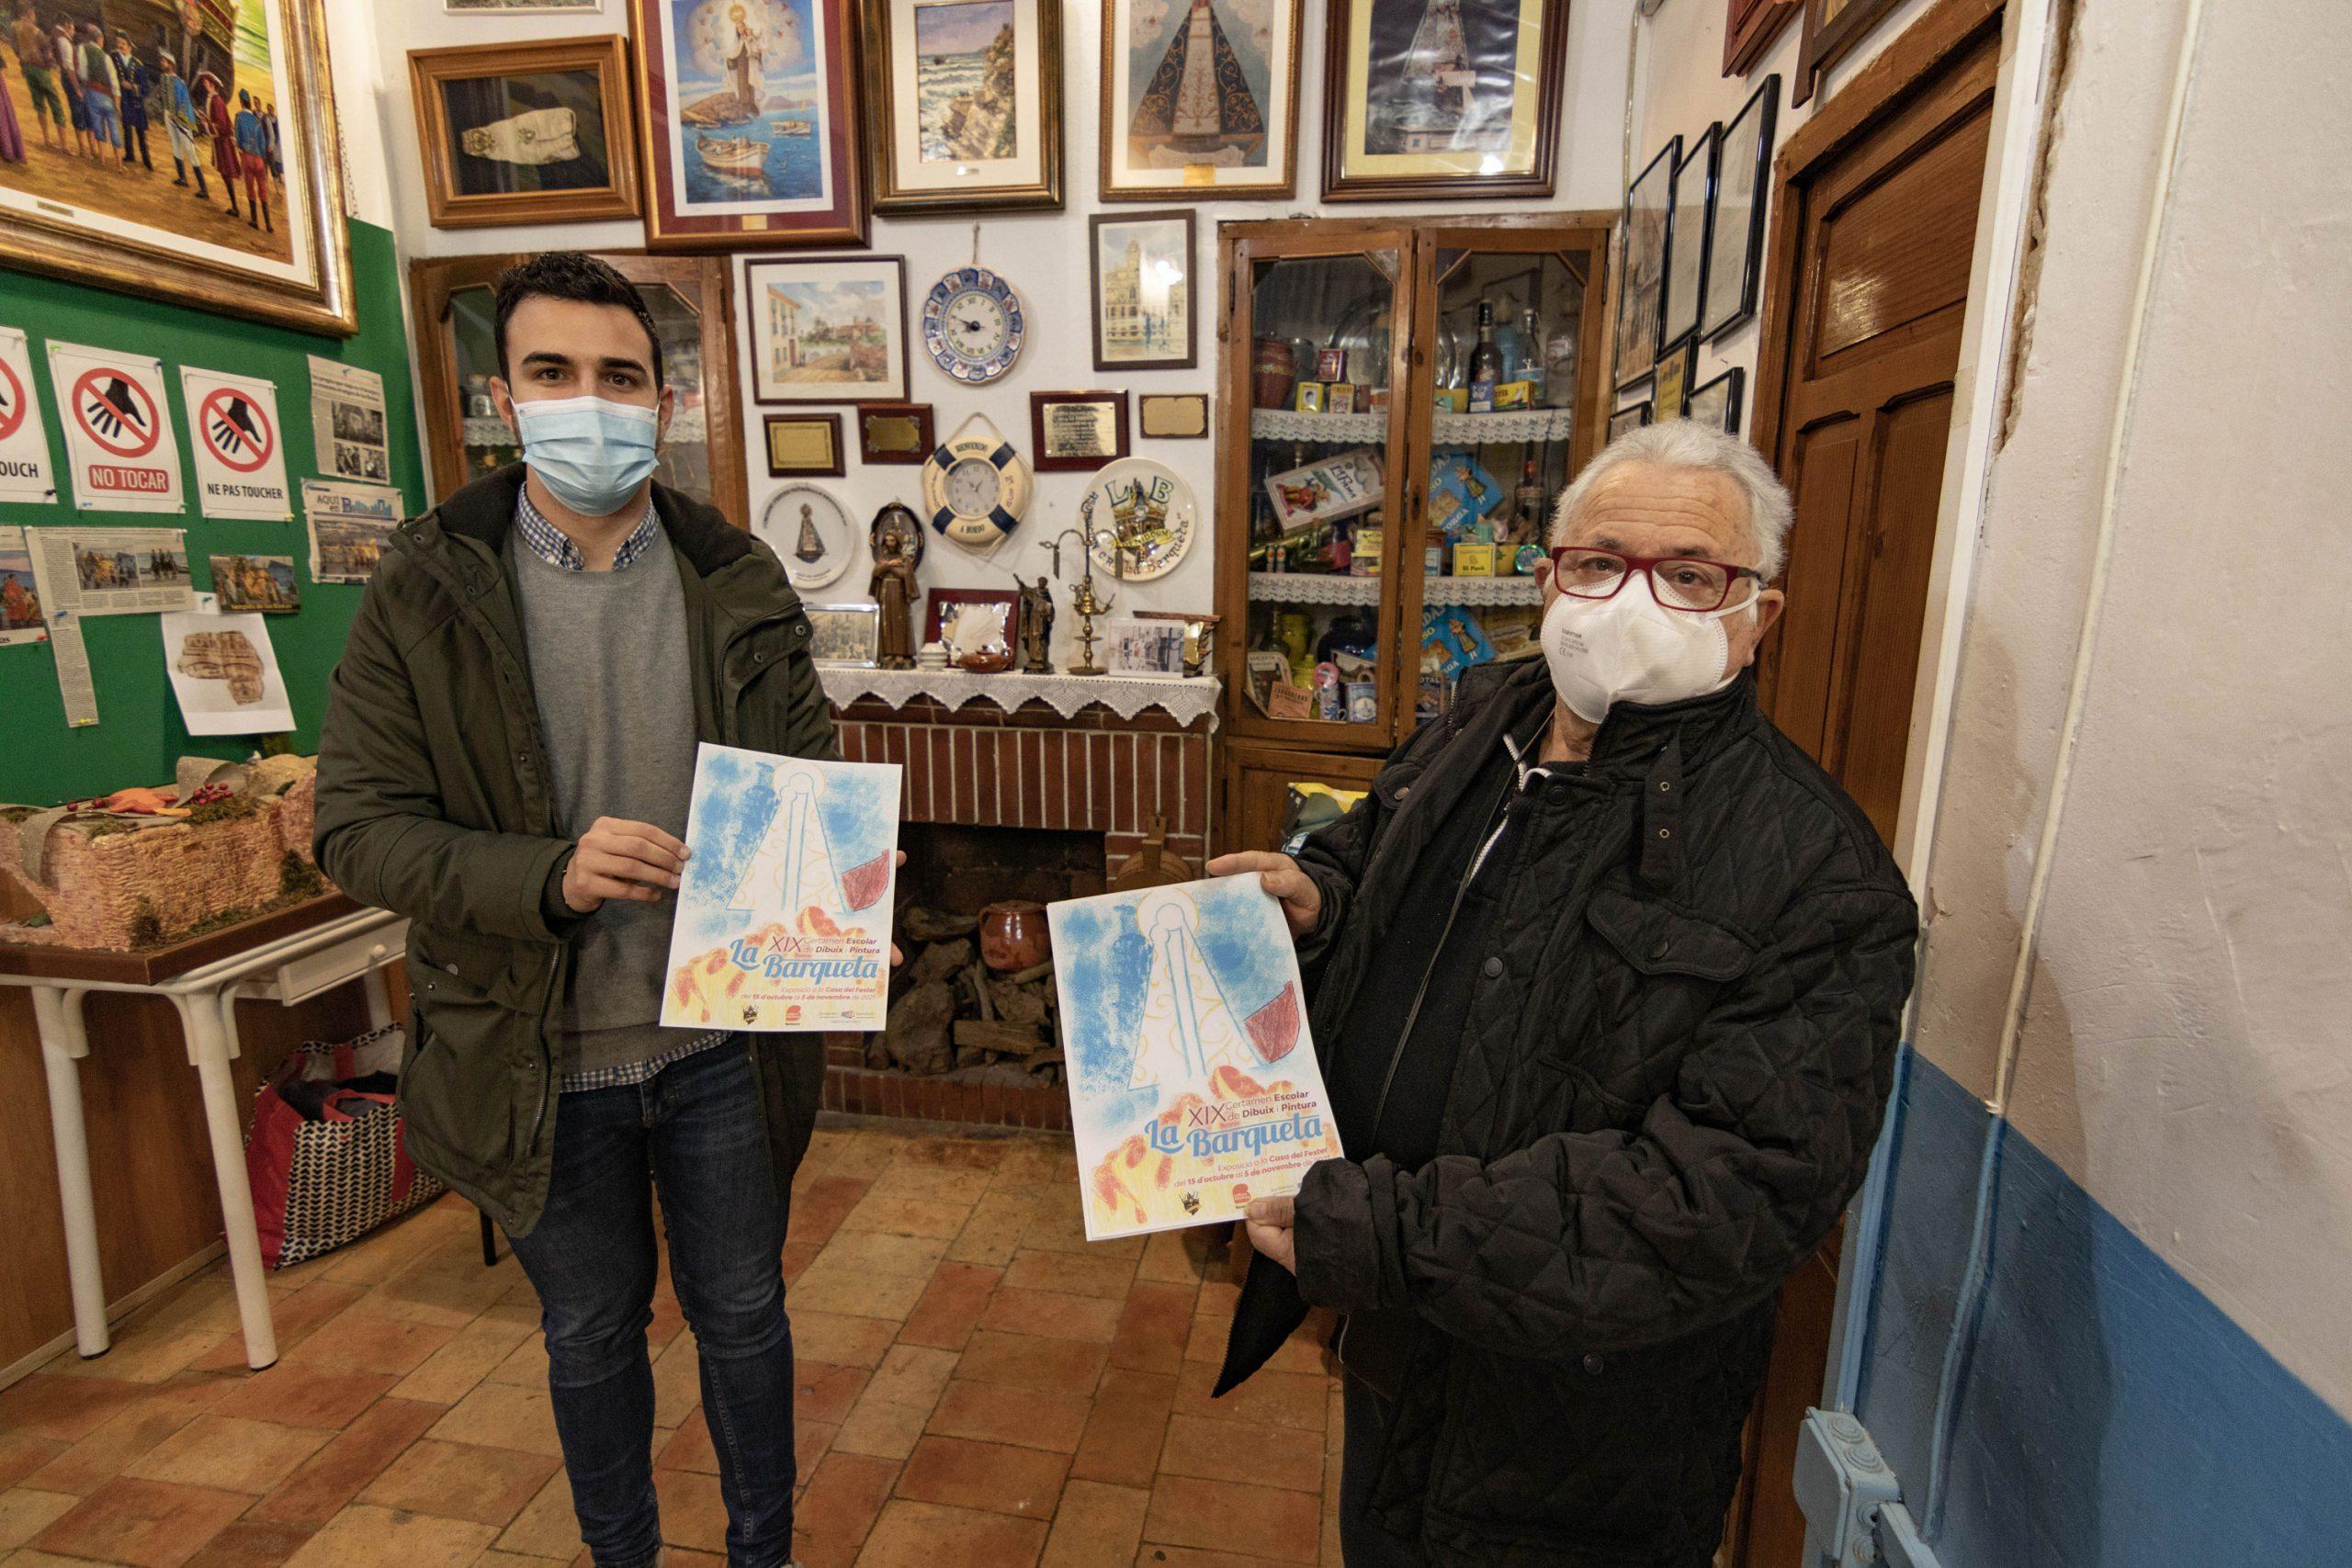 FESTES MAJORS.- 'La Barqueta' convoca la XIX edición de su Certamen de Dibujo y Pintura